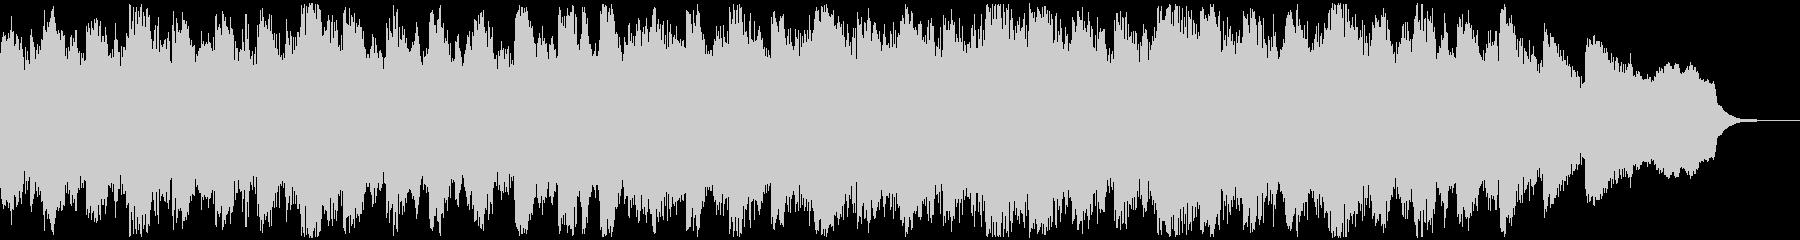 生録りコーラスを使用したホラーBGMの未再生の波形